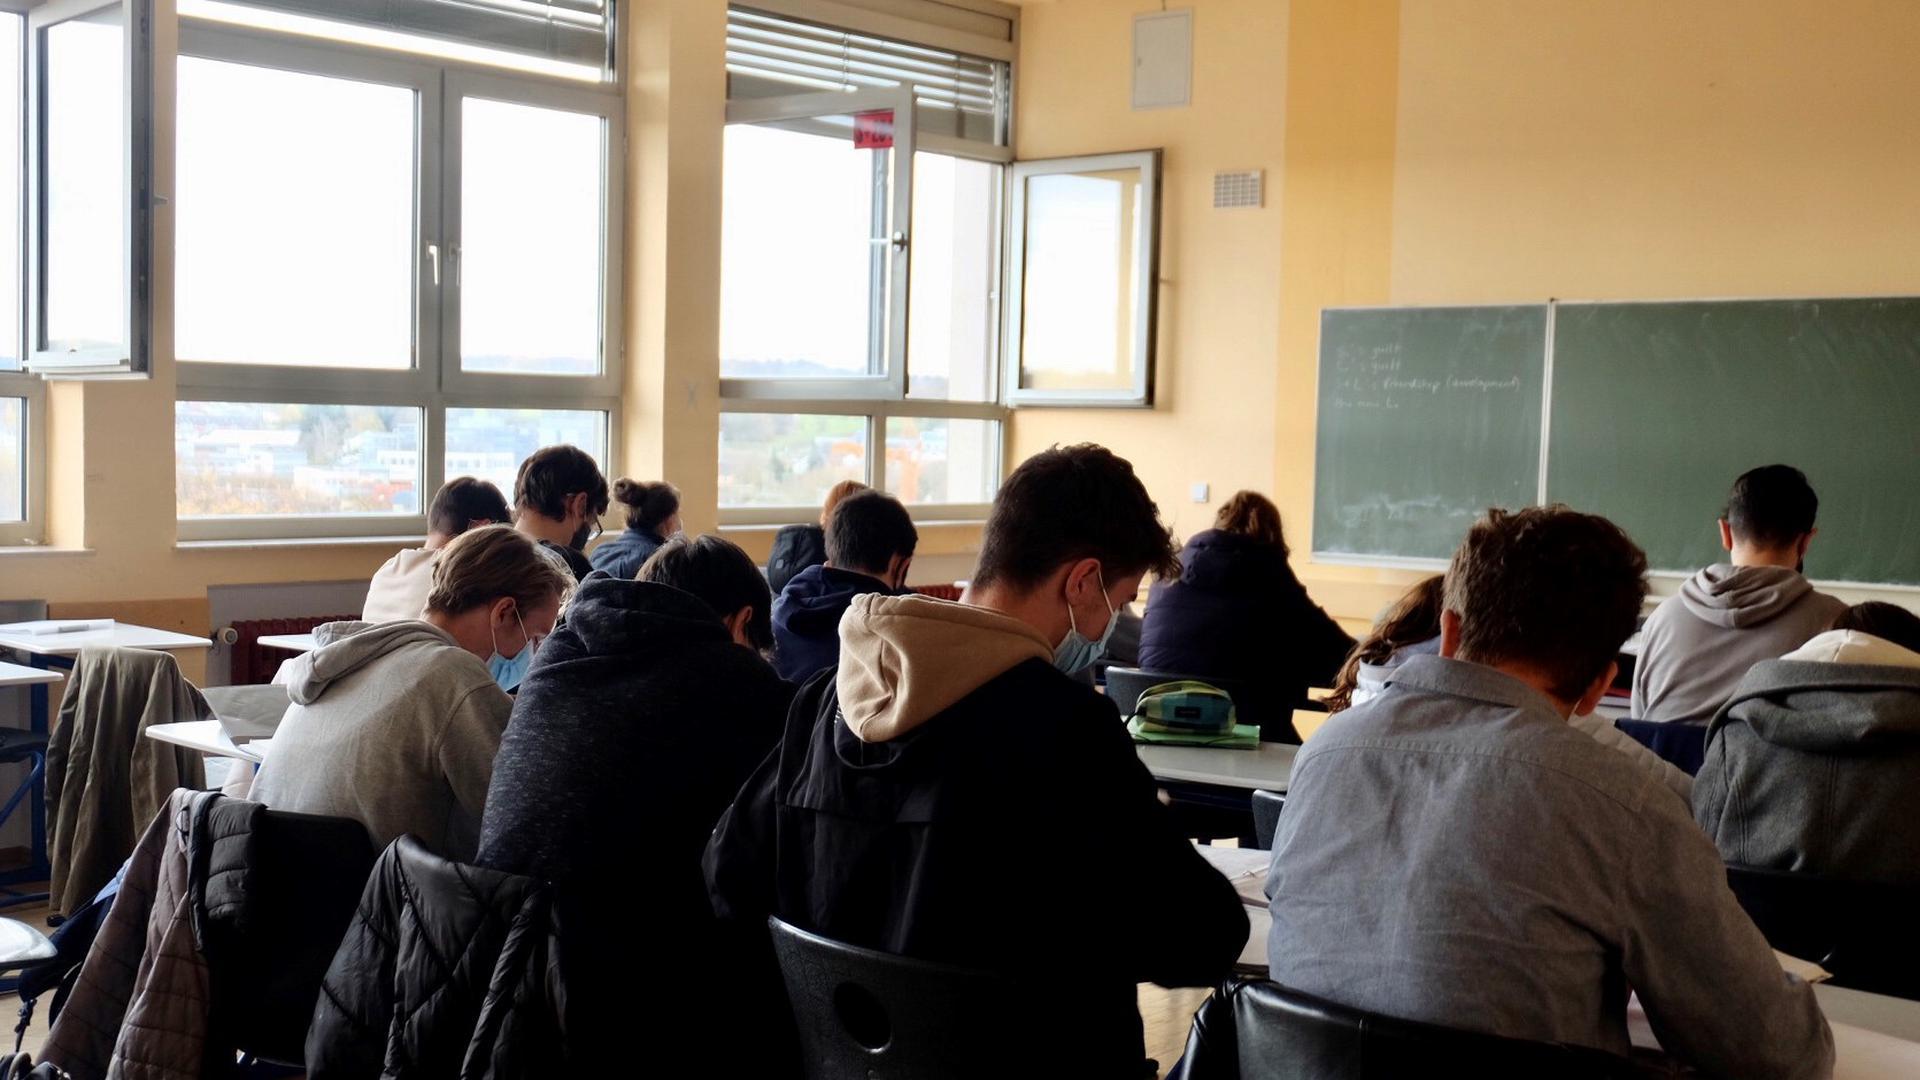 Schüler einer höheren Klasse sitzen bei geöffneten Fenstern an ihren Tischen.